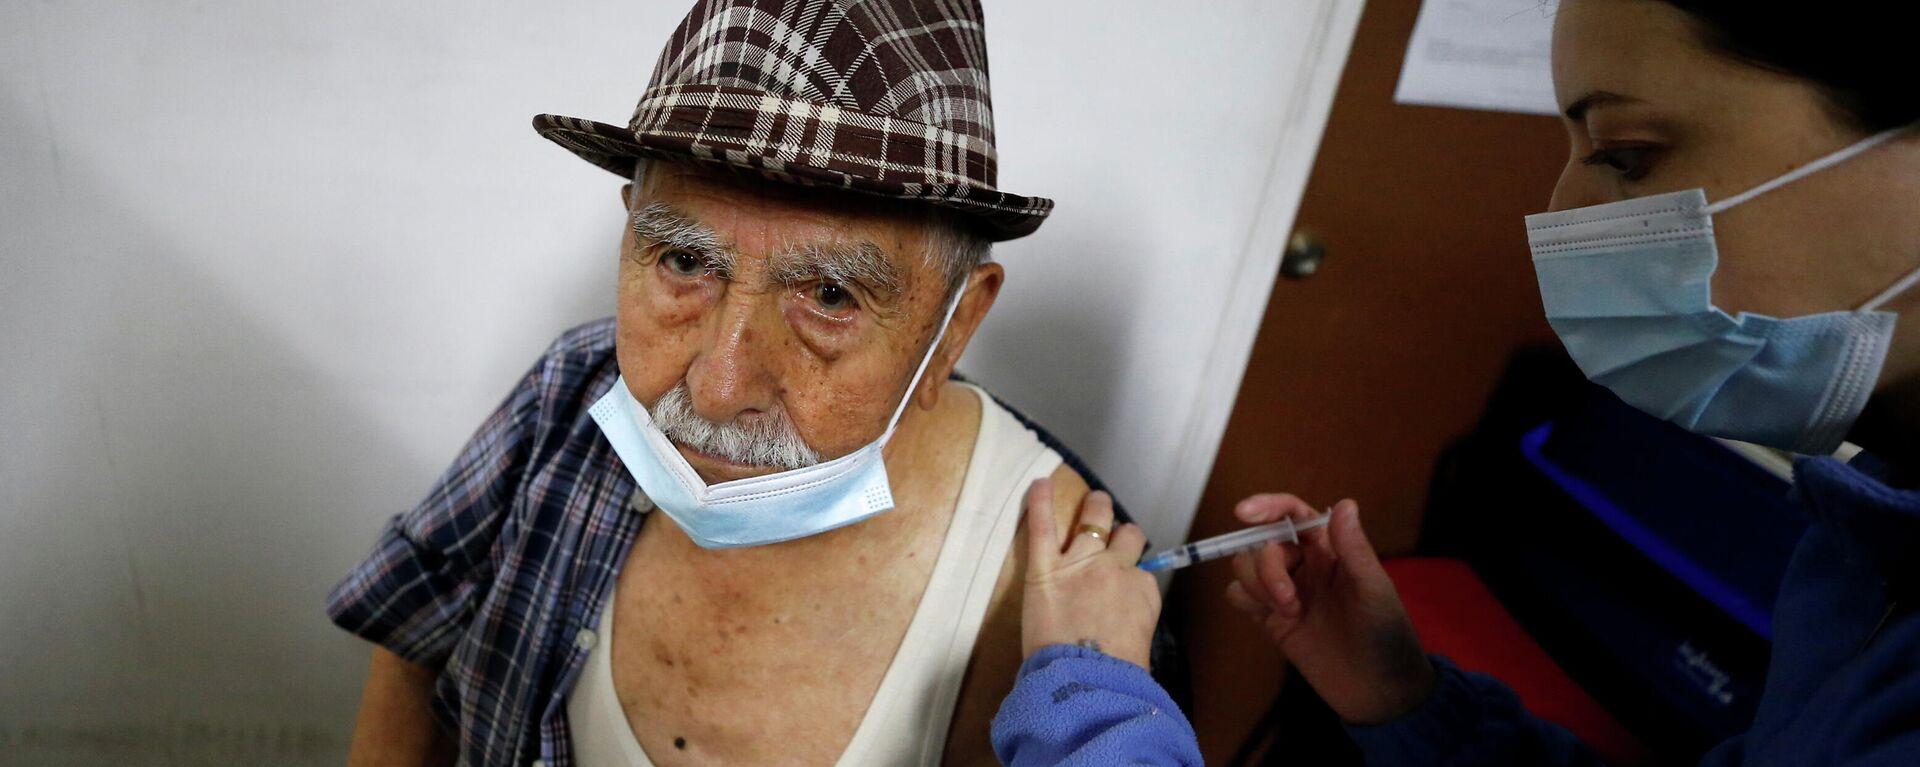 Vacunación en Chile - Sputnik Mundo, 1920, 13.08.2021